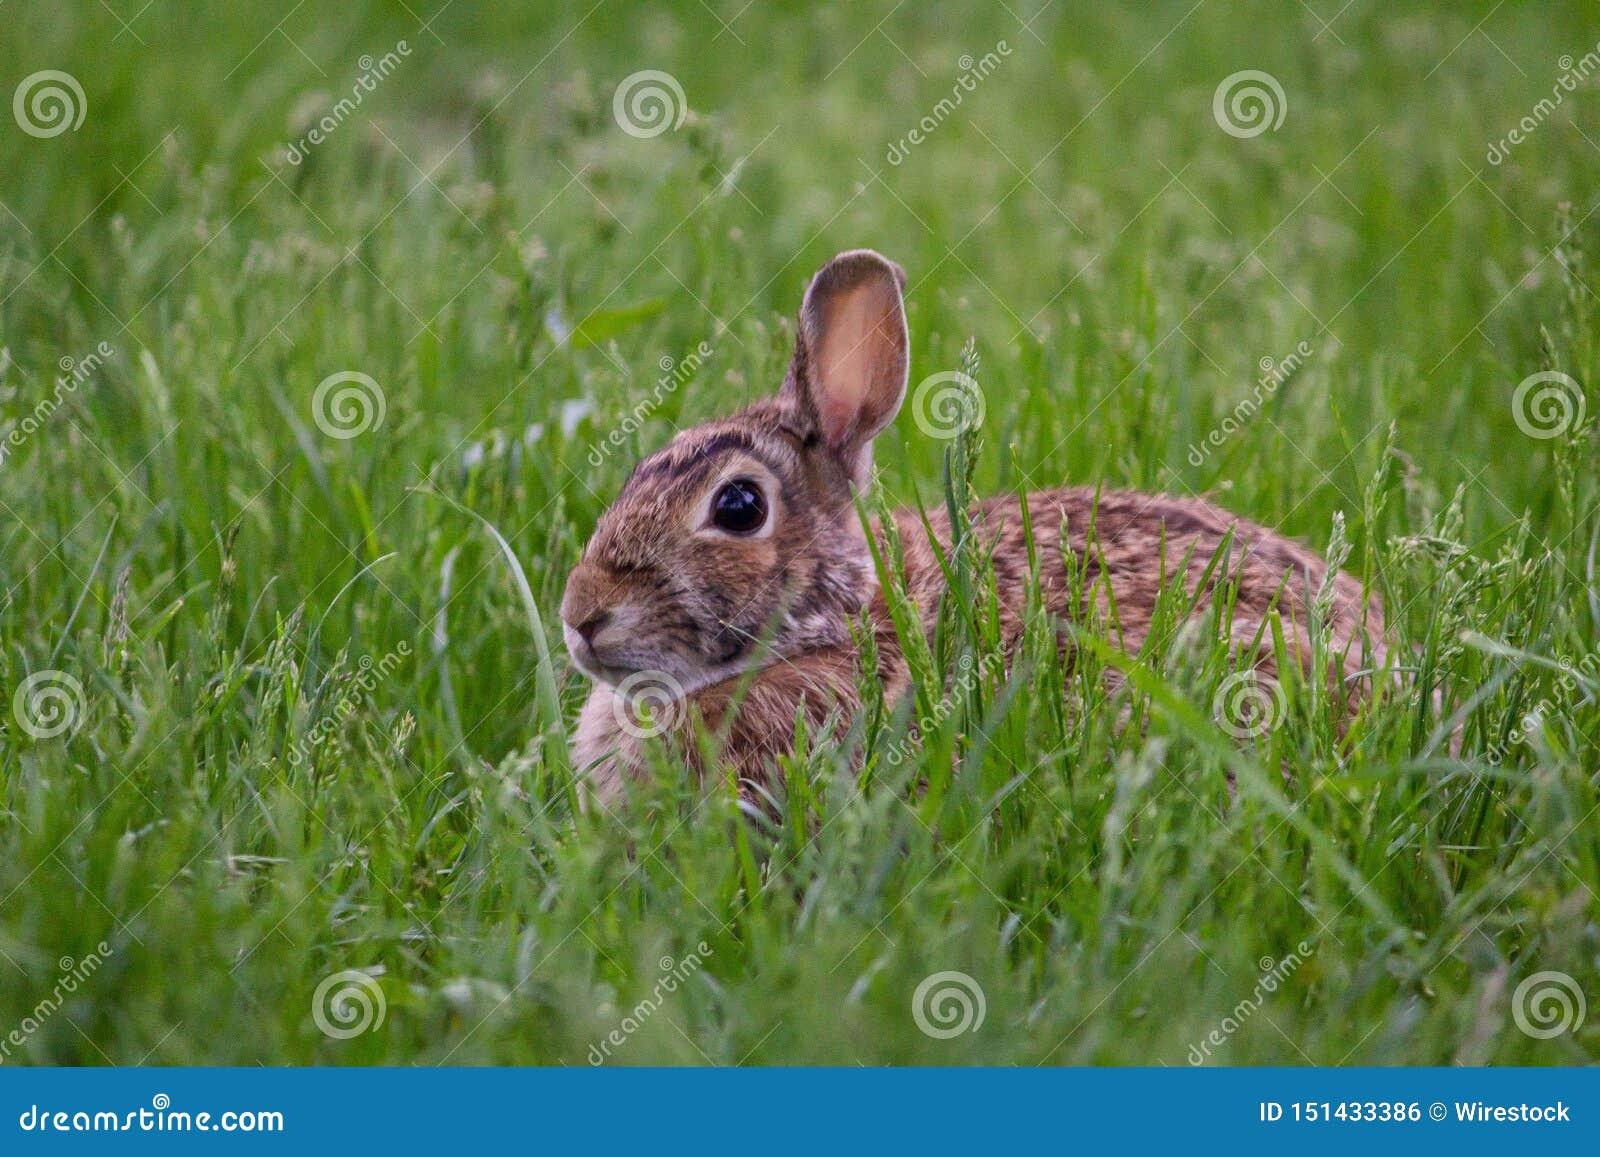 野生逗人喜爱的兔子坐在绿色领域射击的草从接近